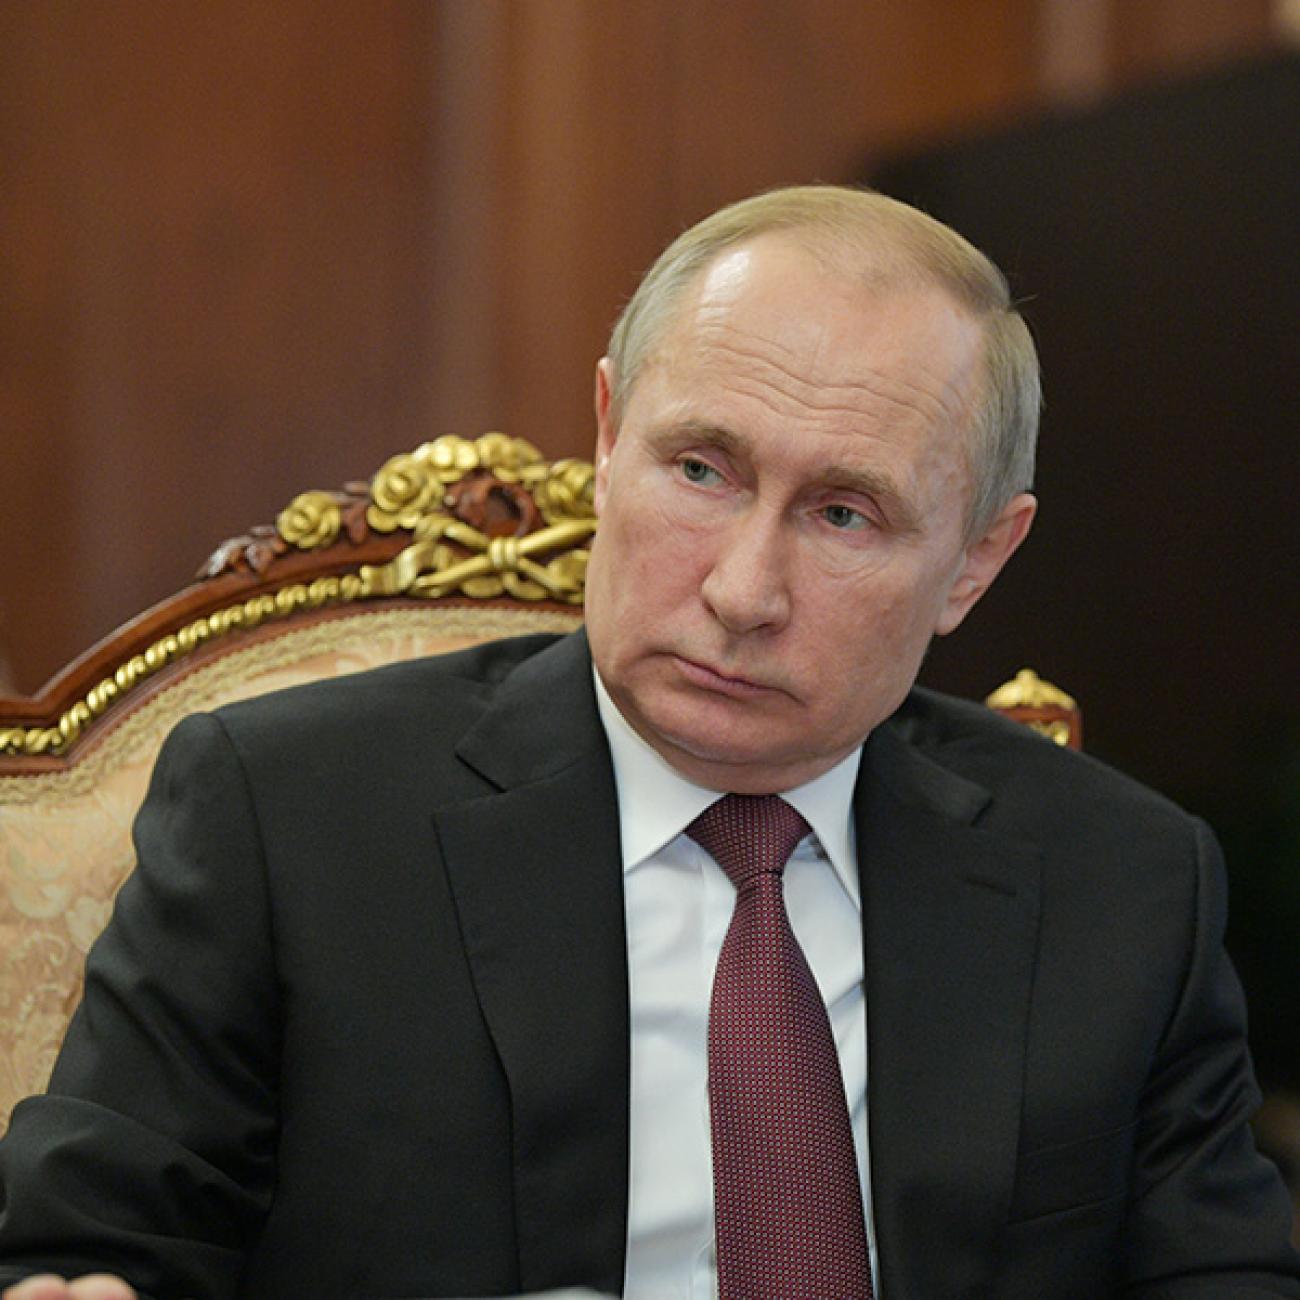 https://www.thinkglobalhealth.org/sites/default/files/styles/max_1300x1300_1_1/public/2020-03/Twigg-CoV-Russia-3.6.20-Putin-RTS2ZZJV-SQUARE.jpg?itok=T-OB6CqA